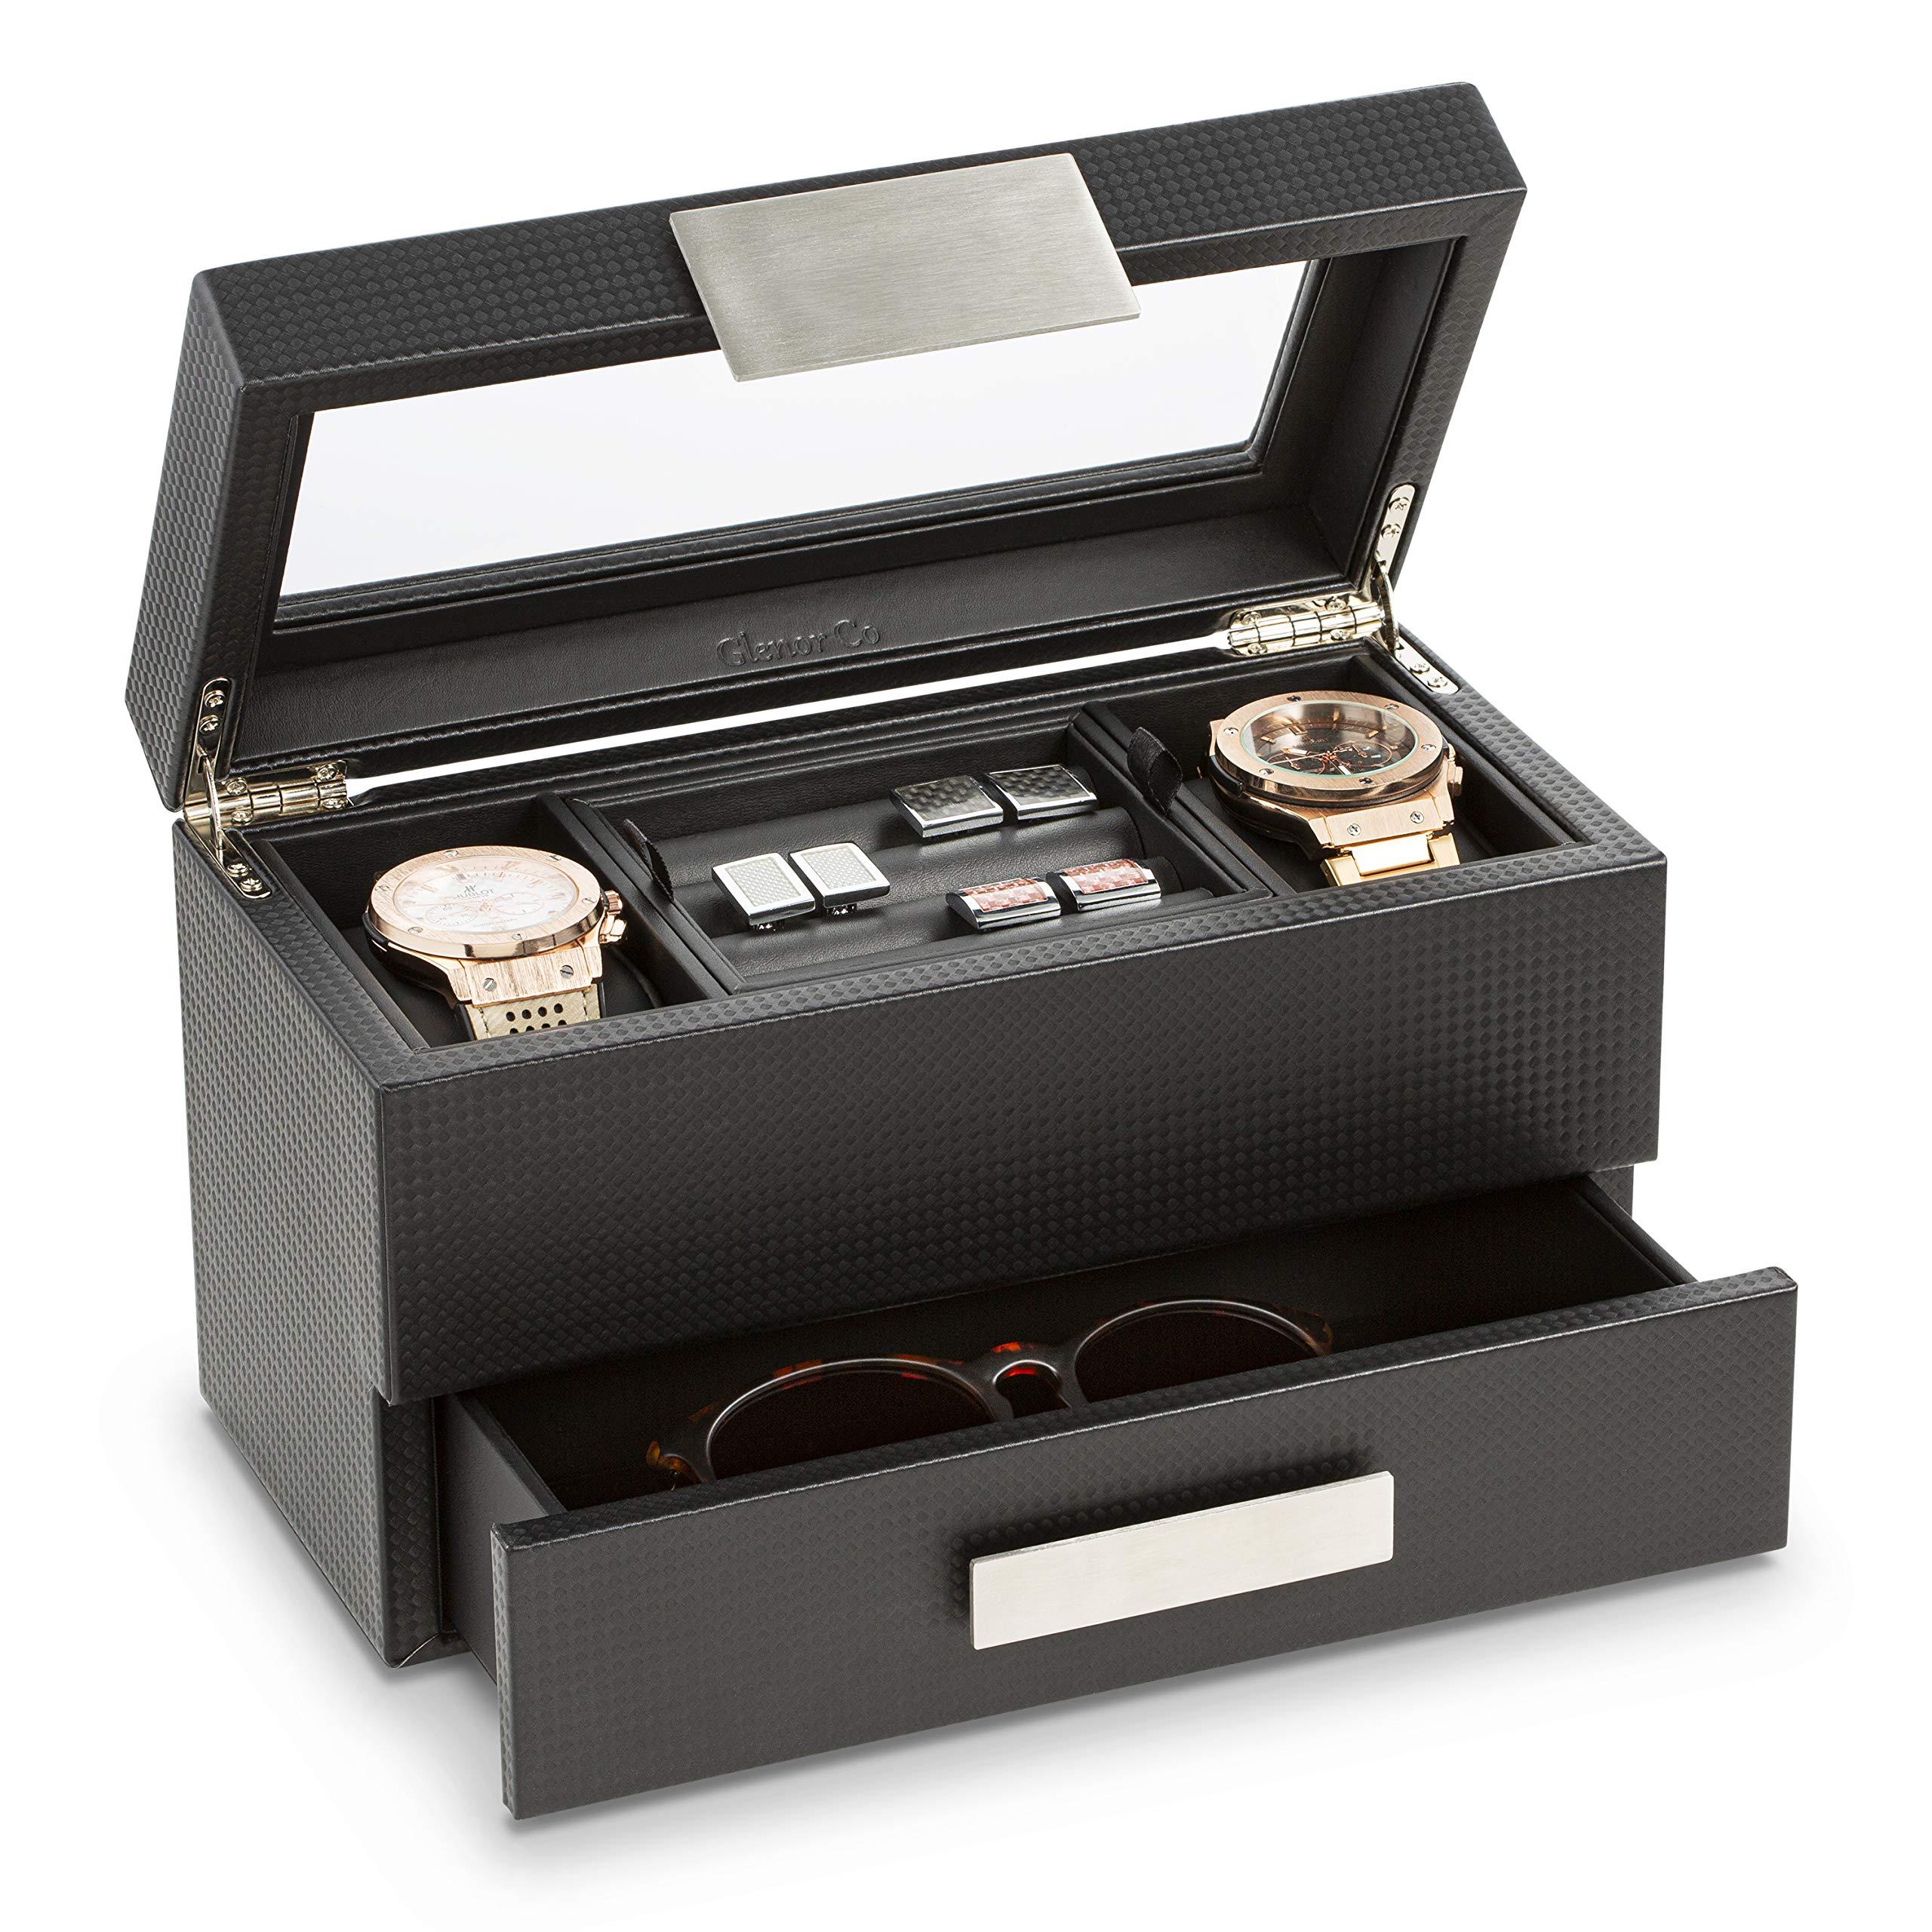 Glenor Co Valet 珠宝男士手表盒 - 现代碳纤维纹理收纳盒带玻璃顶部、抽屉和托盘 - 手表、袖扣、太阳镜、领带夹和配饰支架 - 小盒 - 黑色